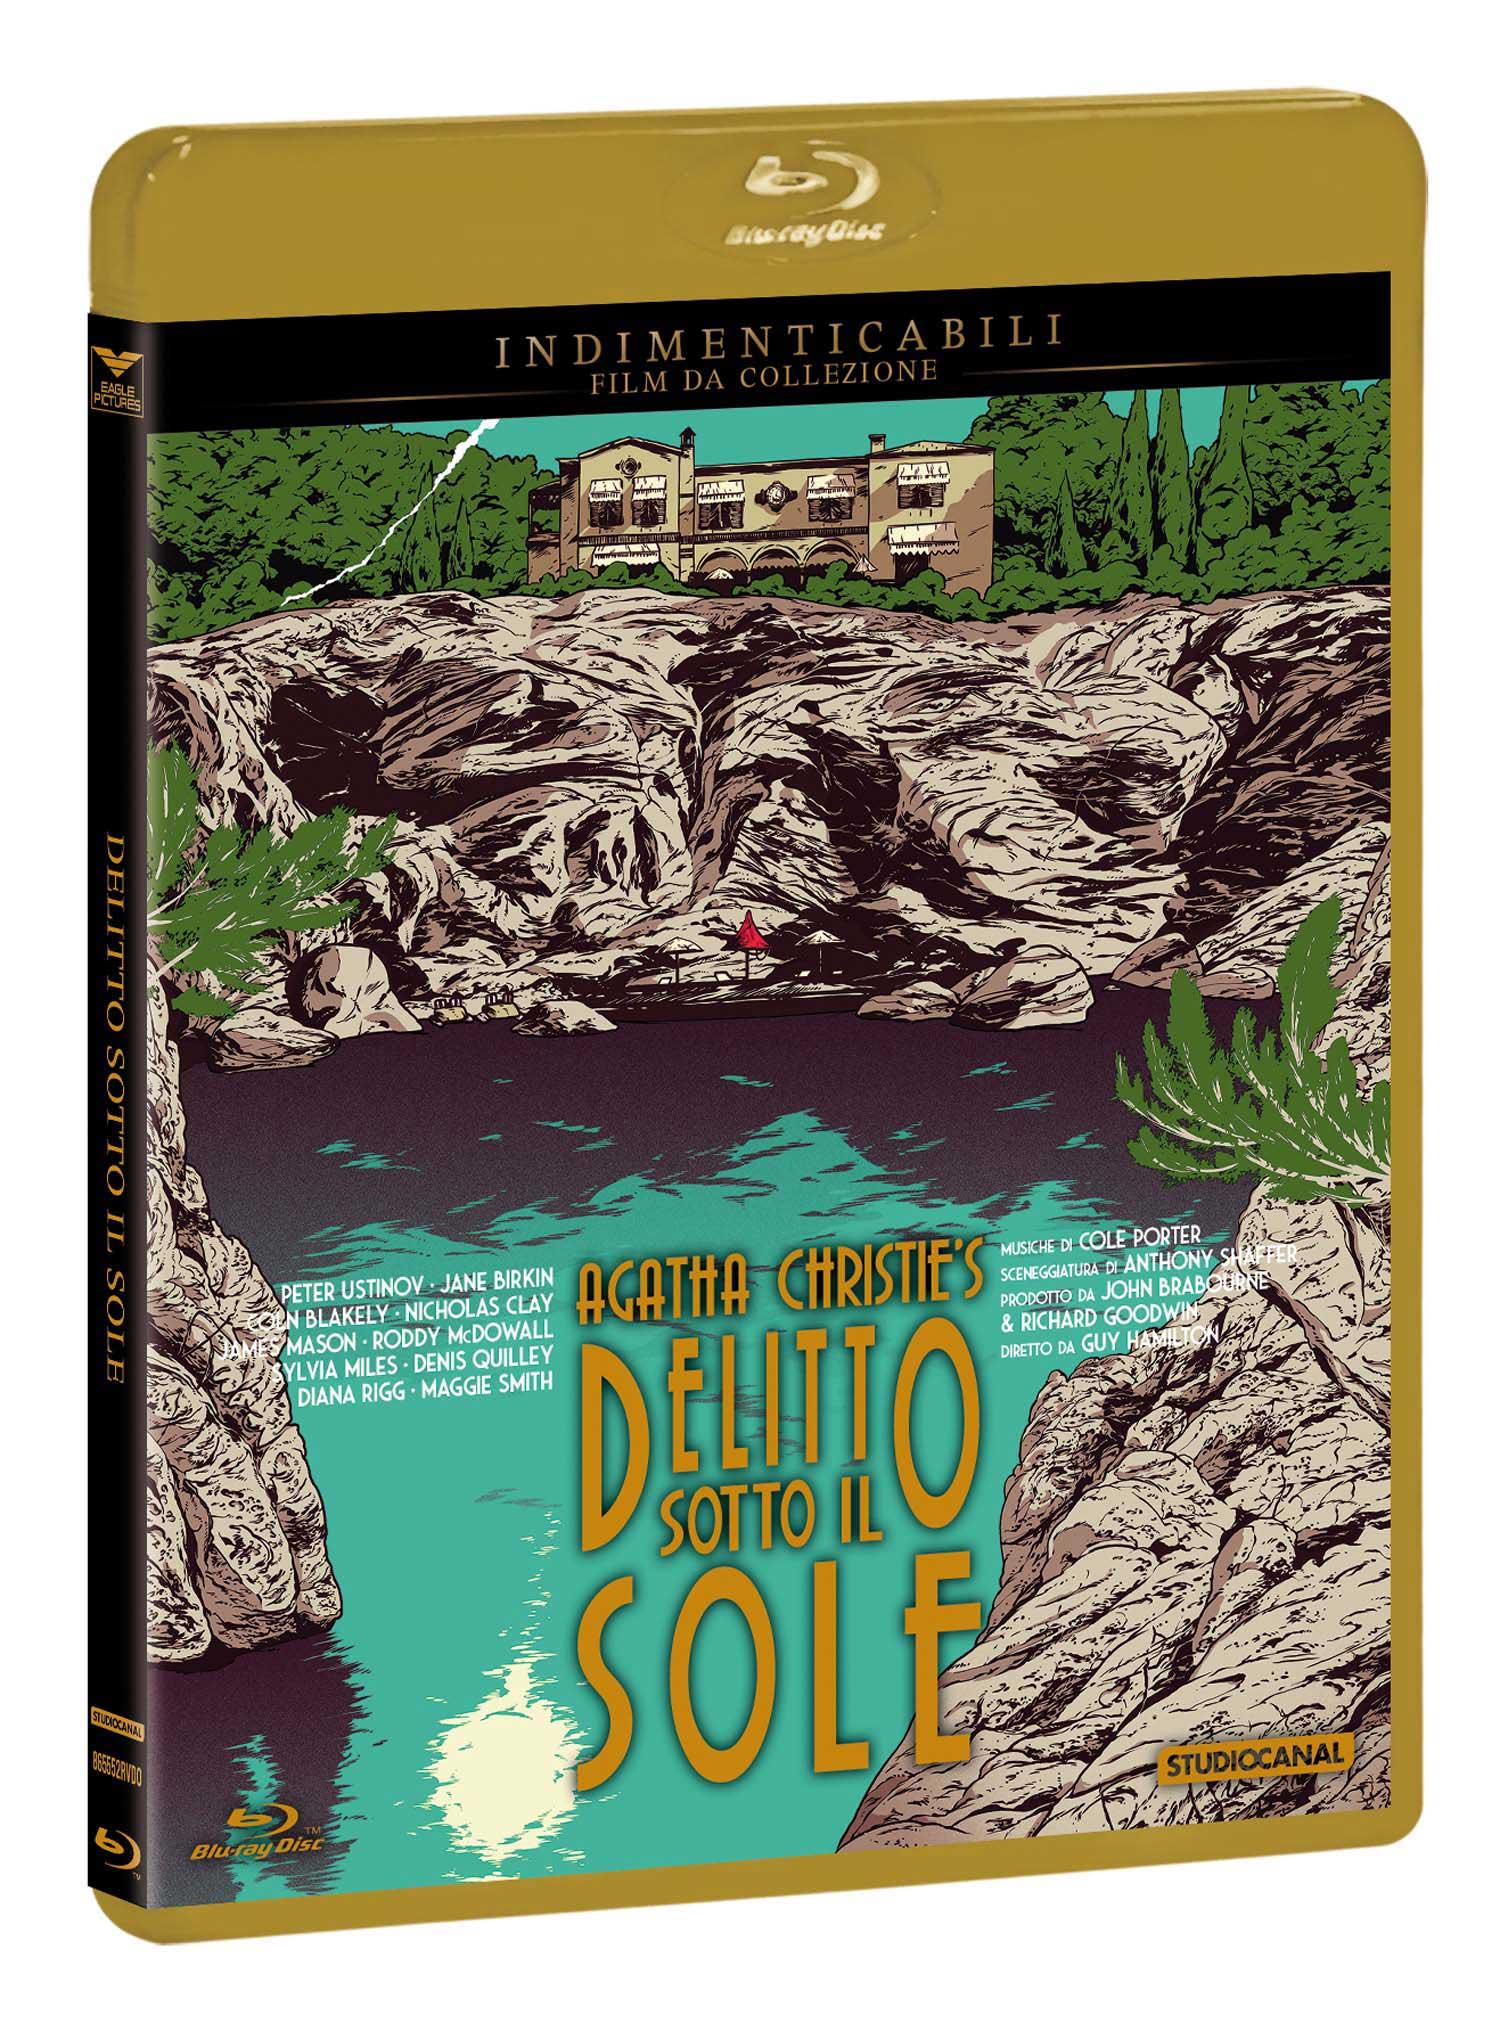 DELITTO SOTTO IL SOLE (INDIMENTICABILI) - BLU RAY